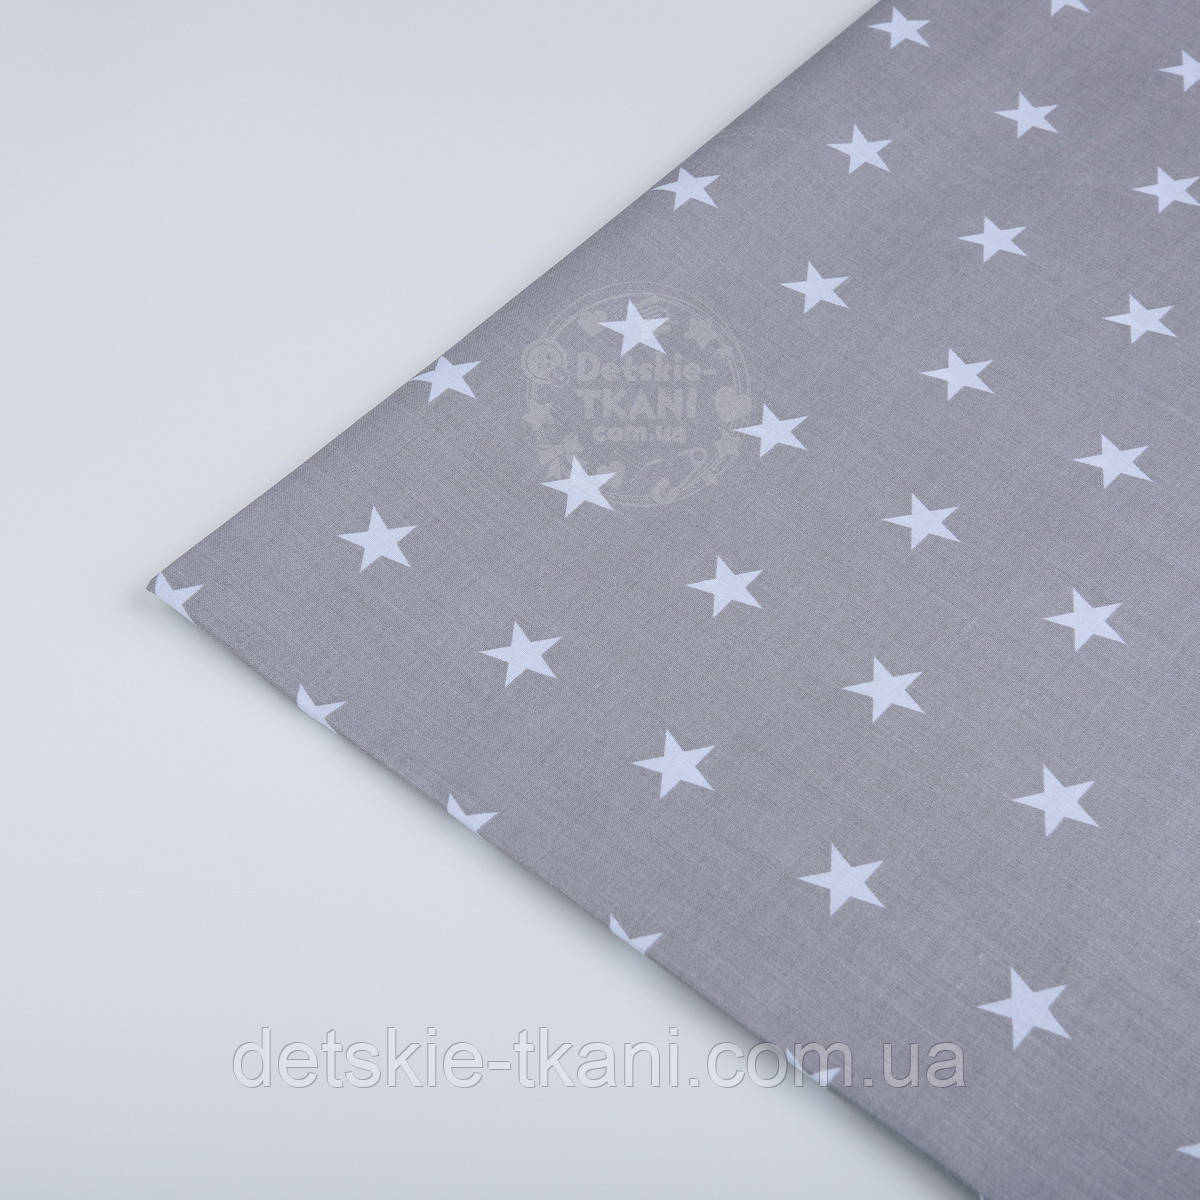 Лоскут ткани №187а с белыми звёздами на сером  фоне.